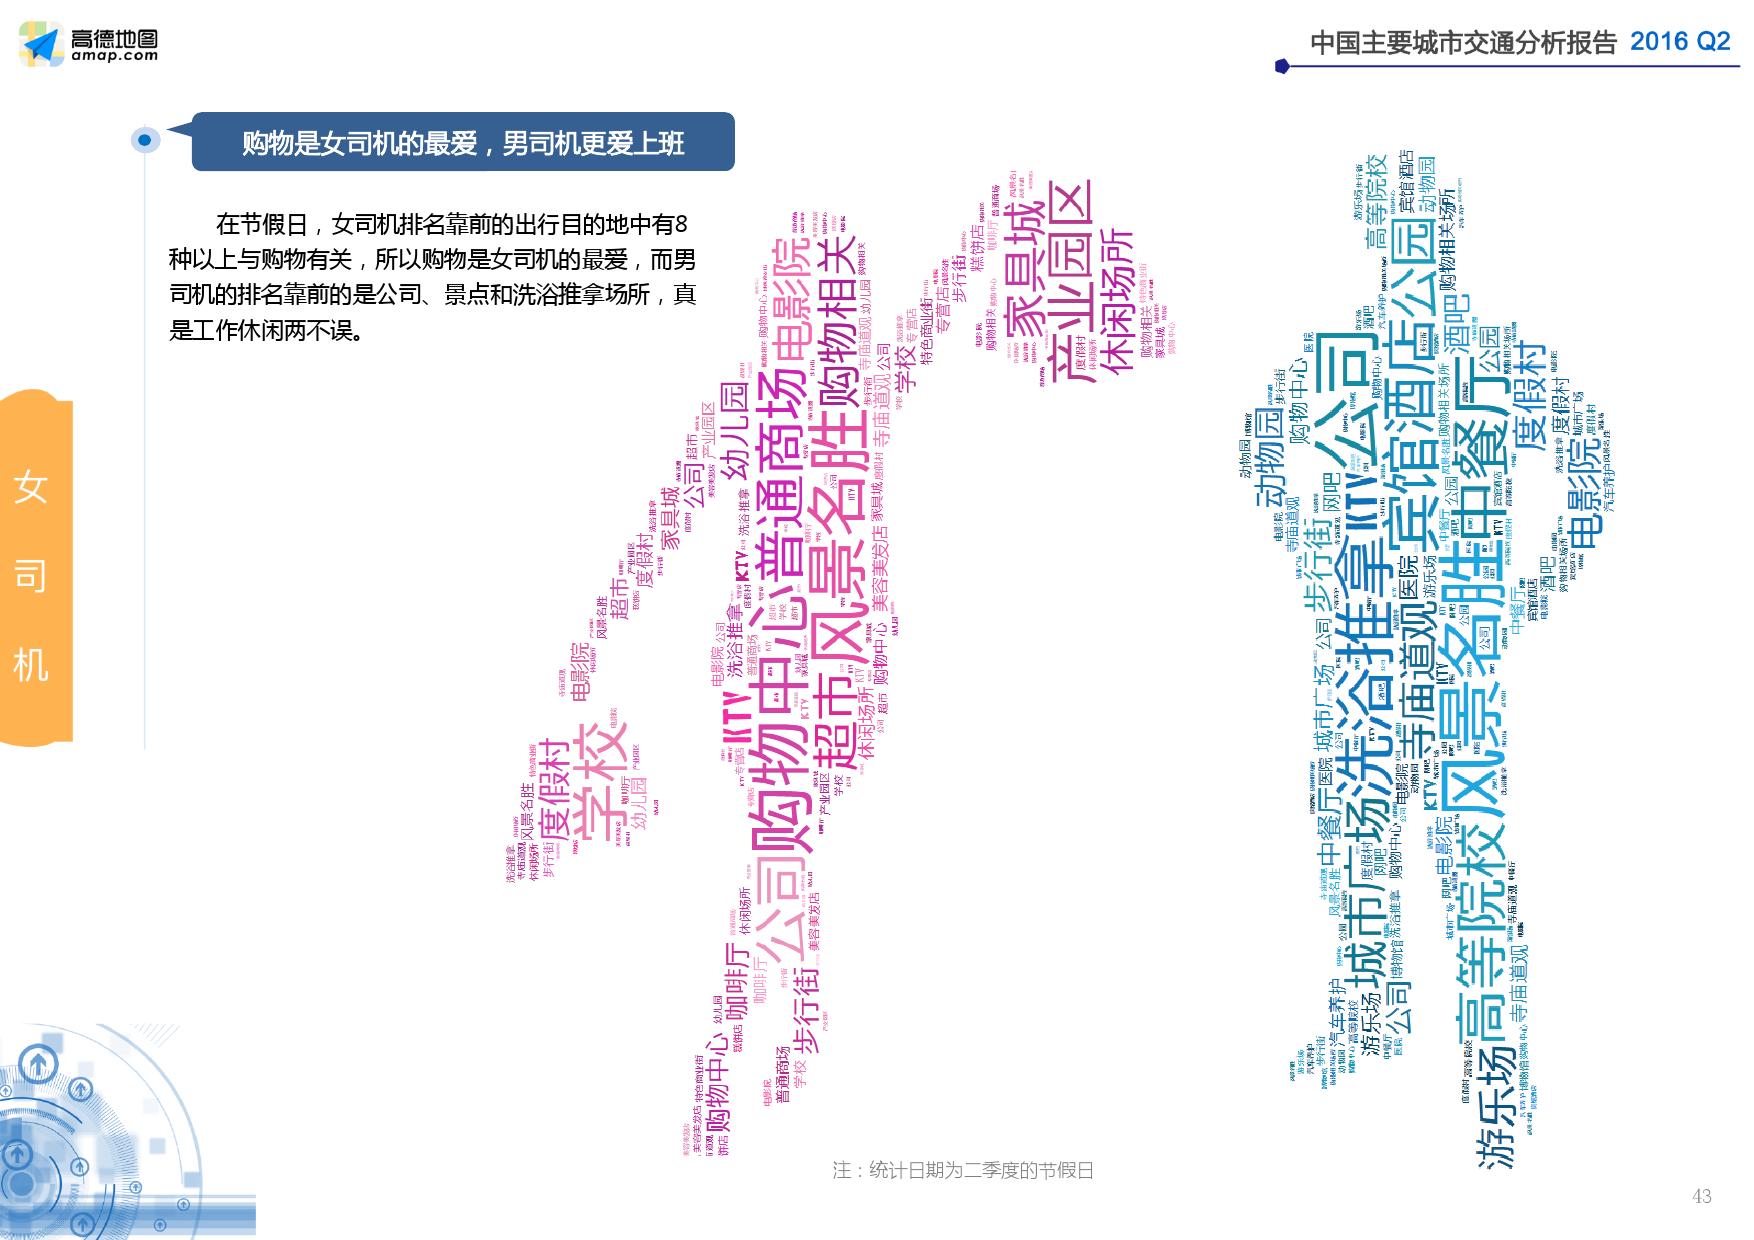 2016年Q2中国主要城市交通分析报告_000043